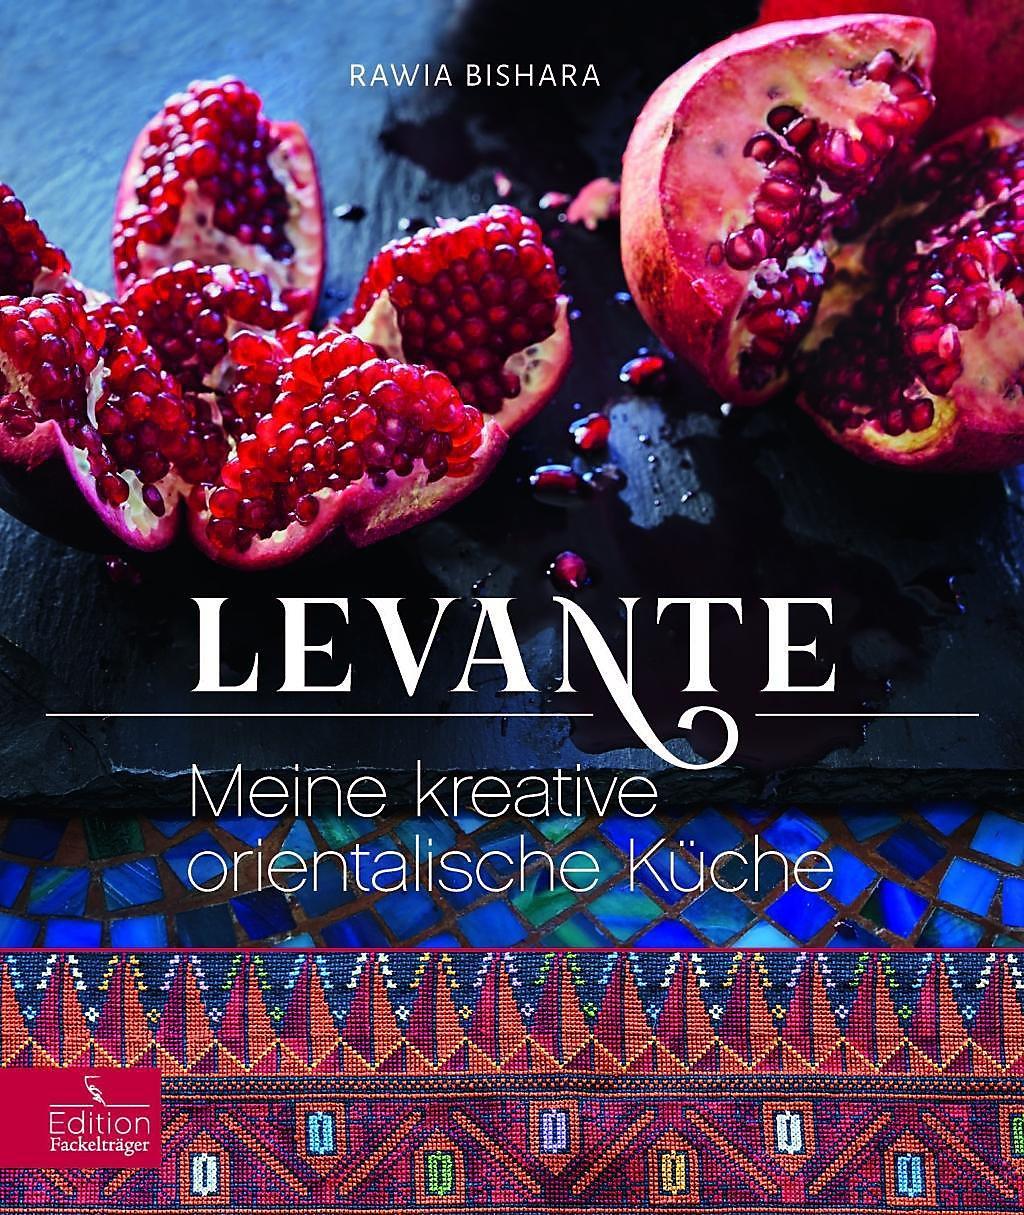 Levante Buch Von Rawia Bishara Portofrei Bestellen Weltbild Ch